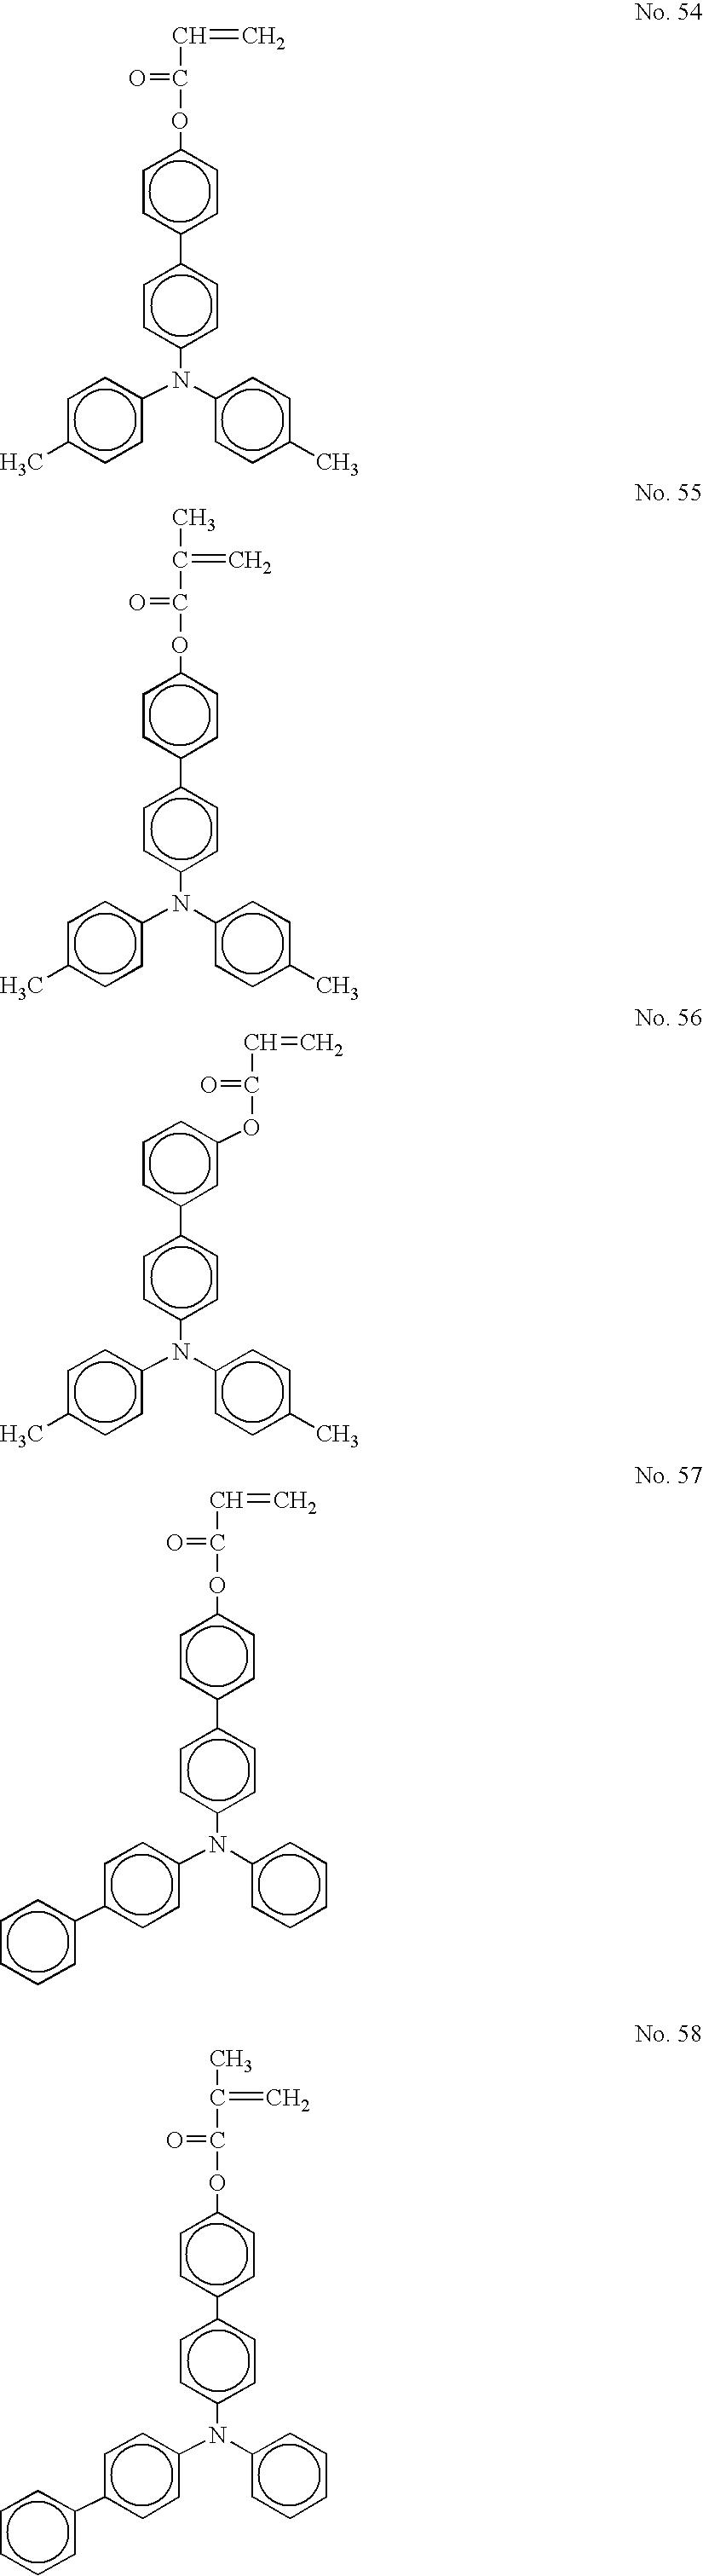 Figure US20070059619A1-20070315-C00025